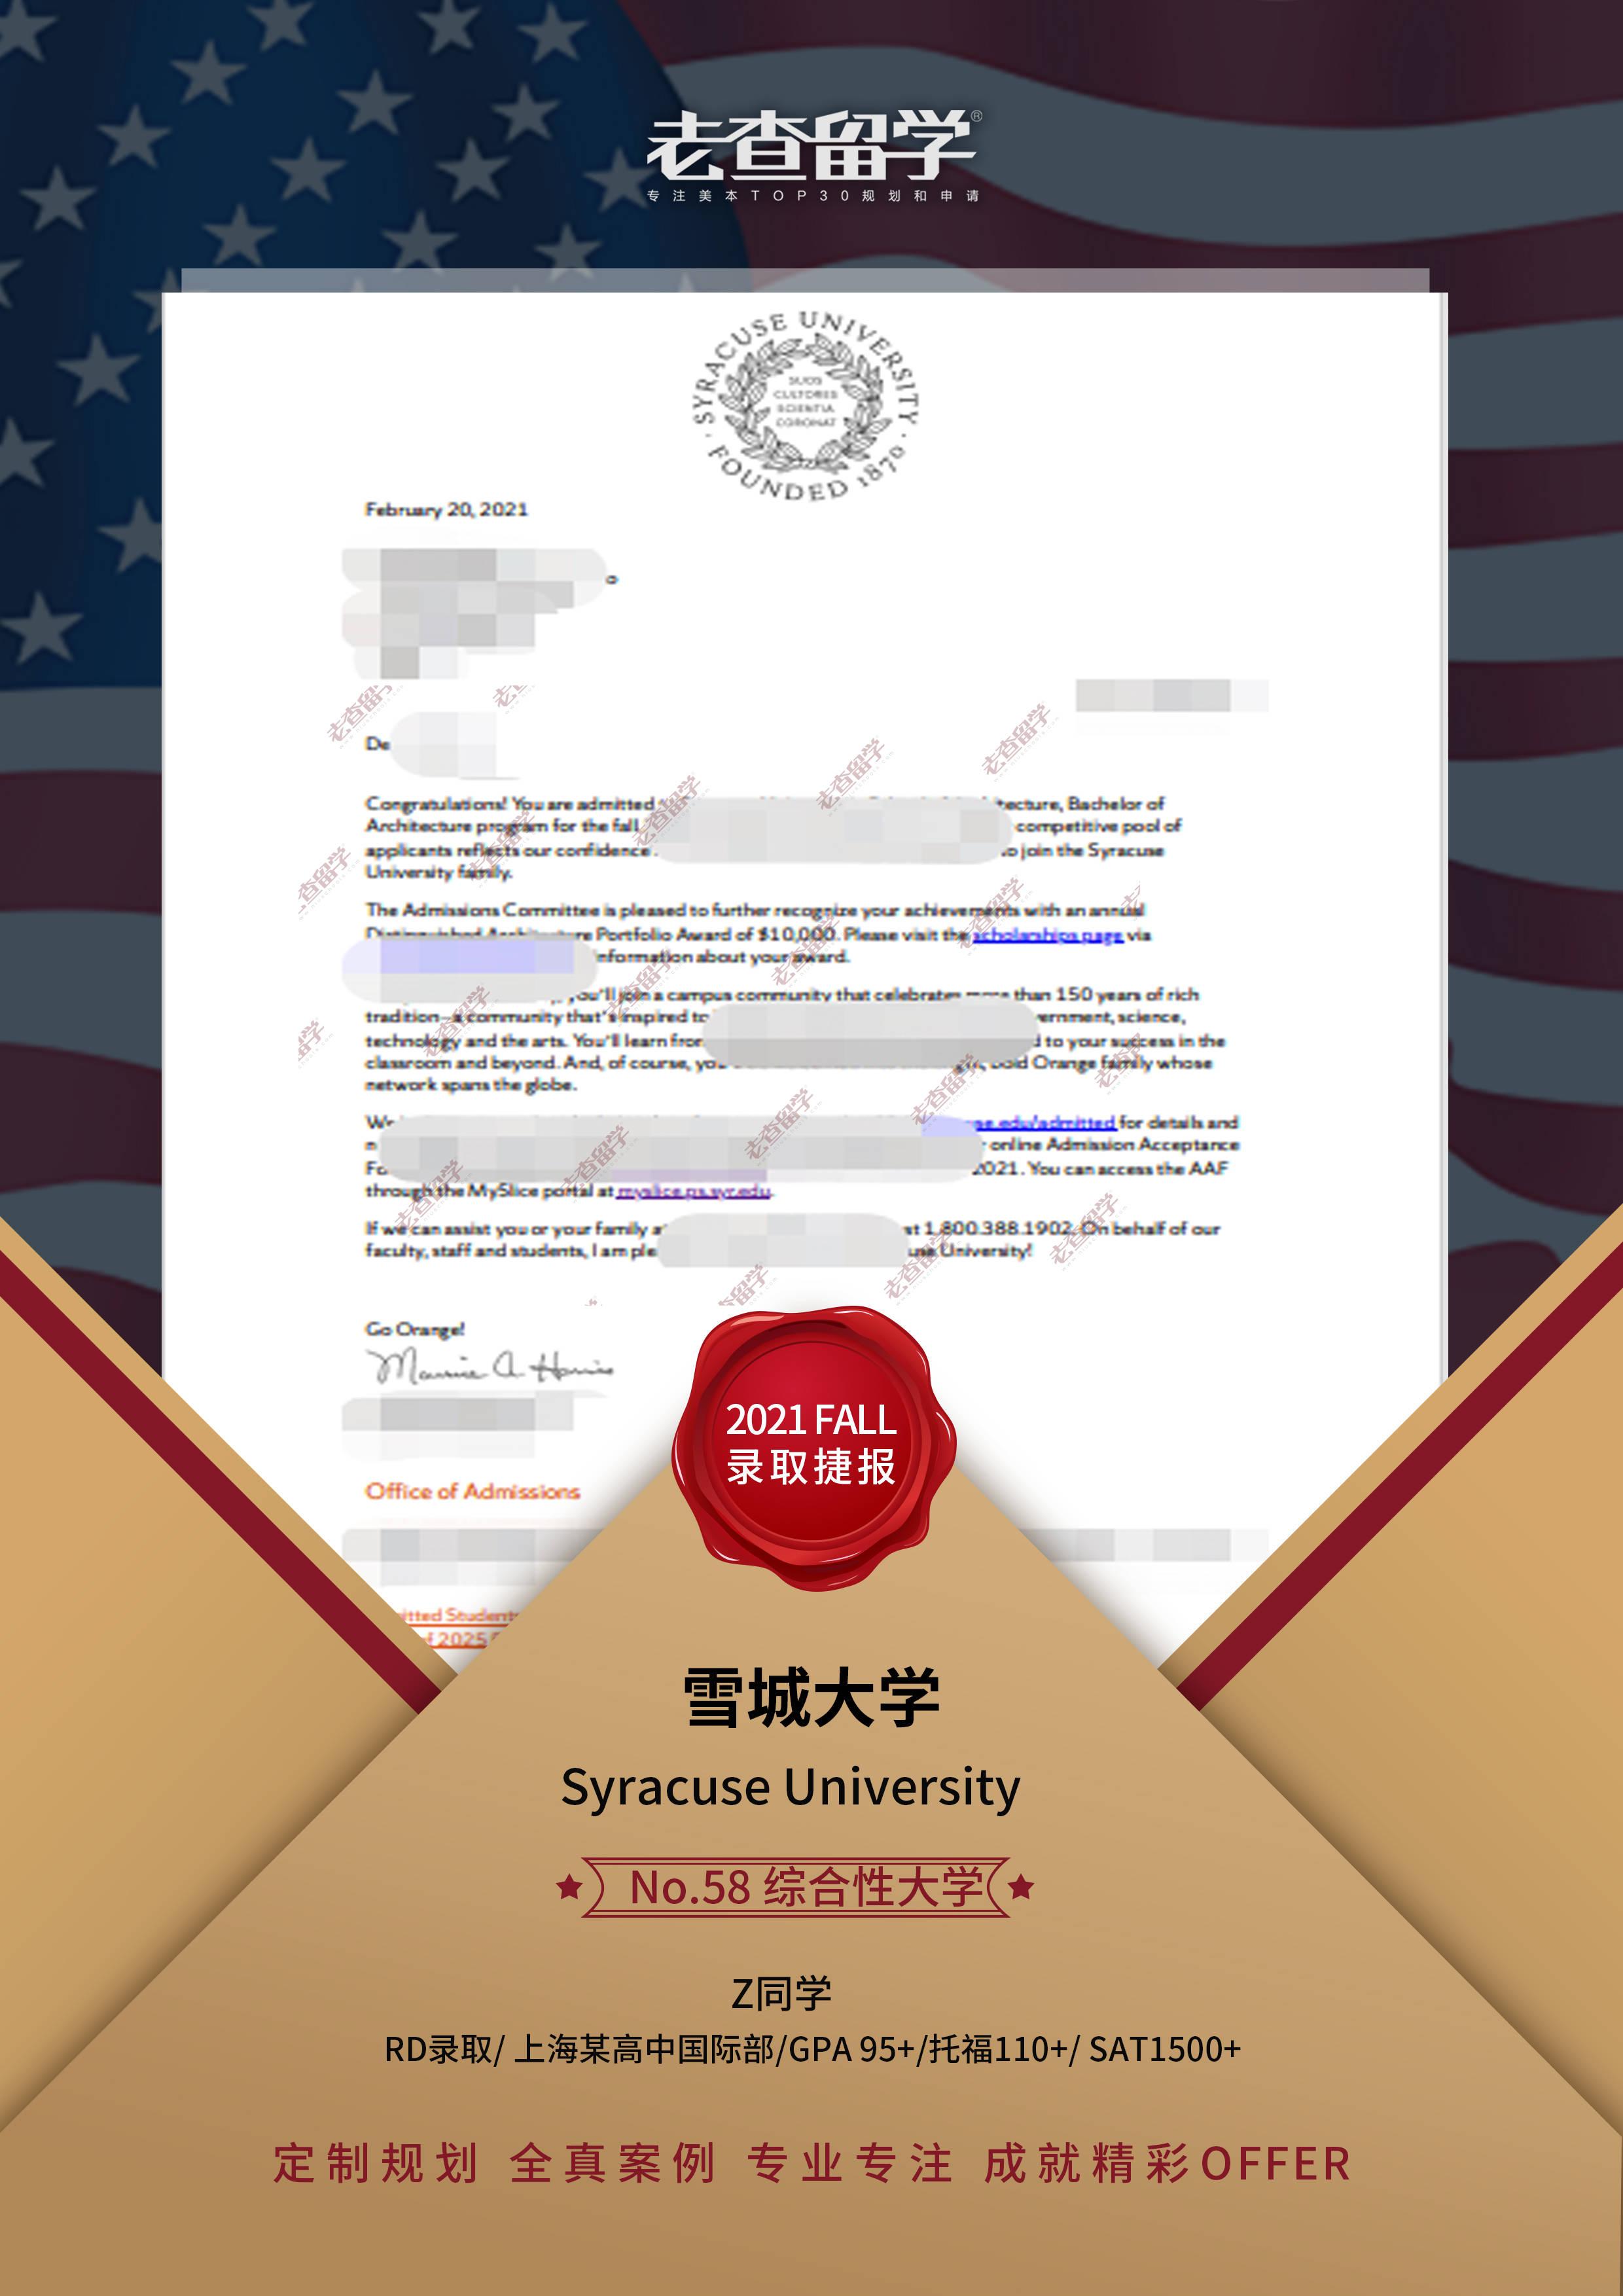 恭喜老查留学收获密歇根大学安娜堡分校、雪城大学建筑专业录取!